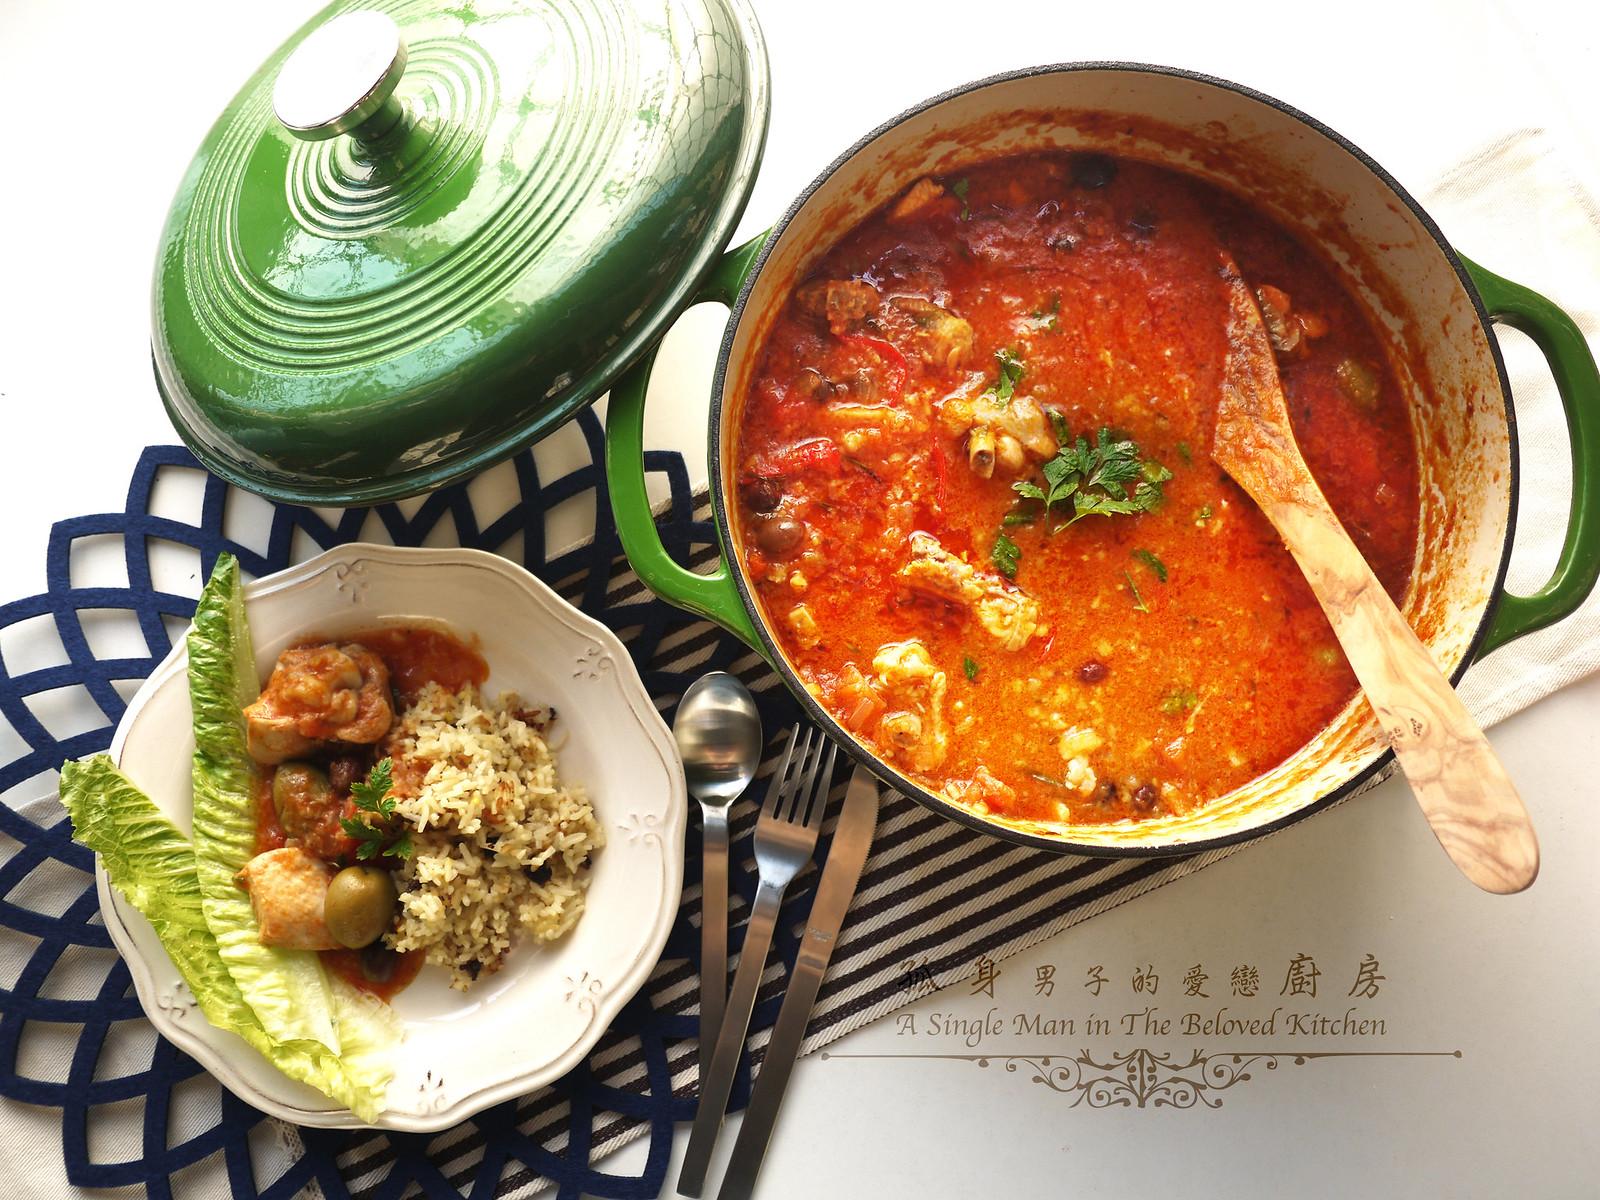 孤身廚房-蕃茄橄欖燴雞肉佐番紅花香米37